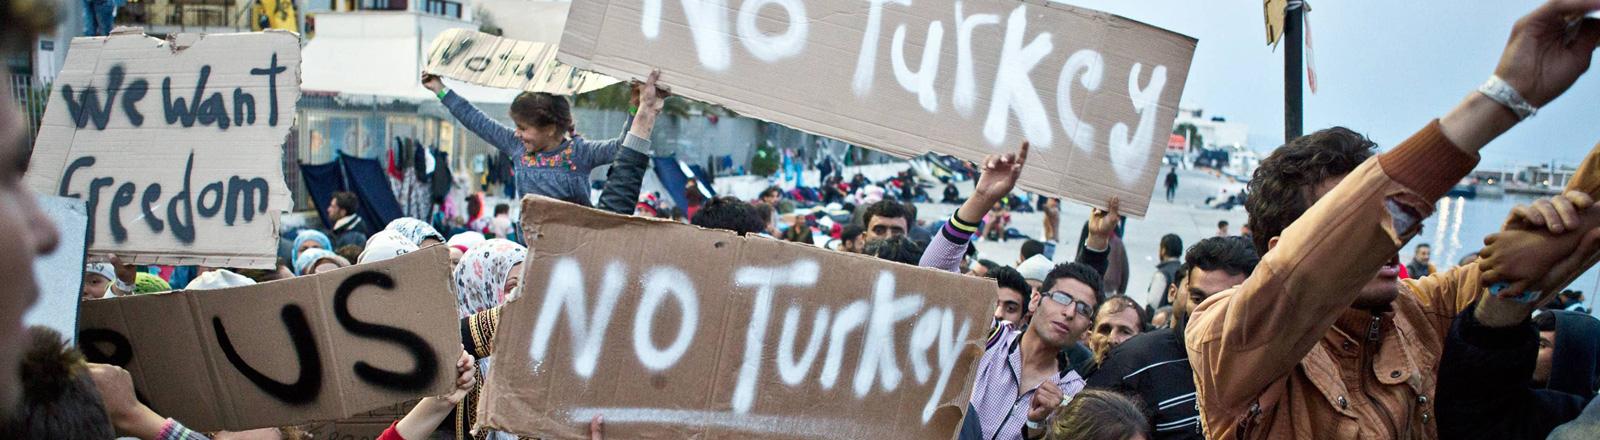 """Flüchtlinge protestieren im Hafen der griechischen Insel Chios. Sie halten Papierschilder in die Höhe, darauf steht """"No Turkey"""" (3. April 2016)."""